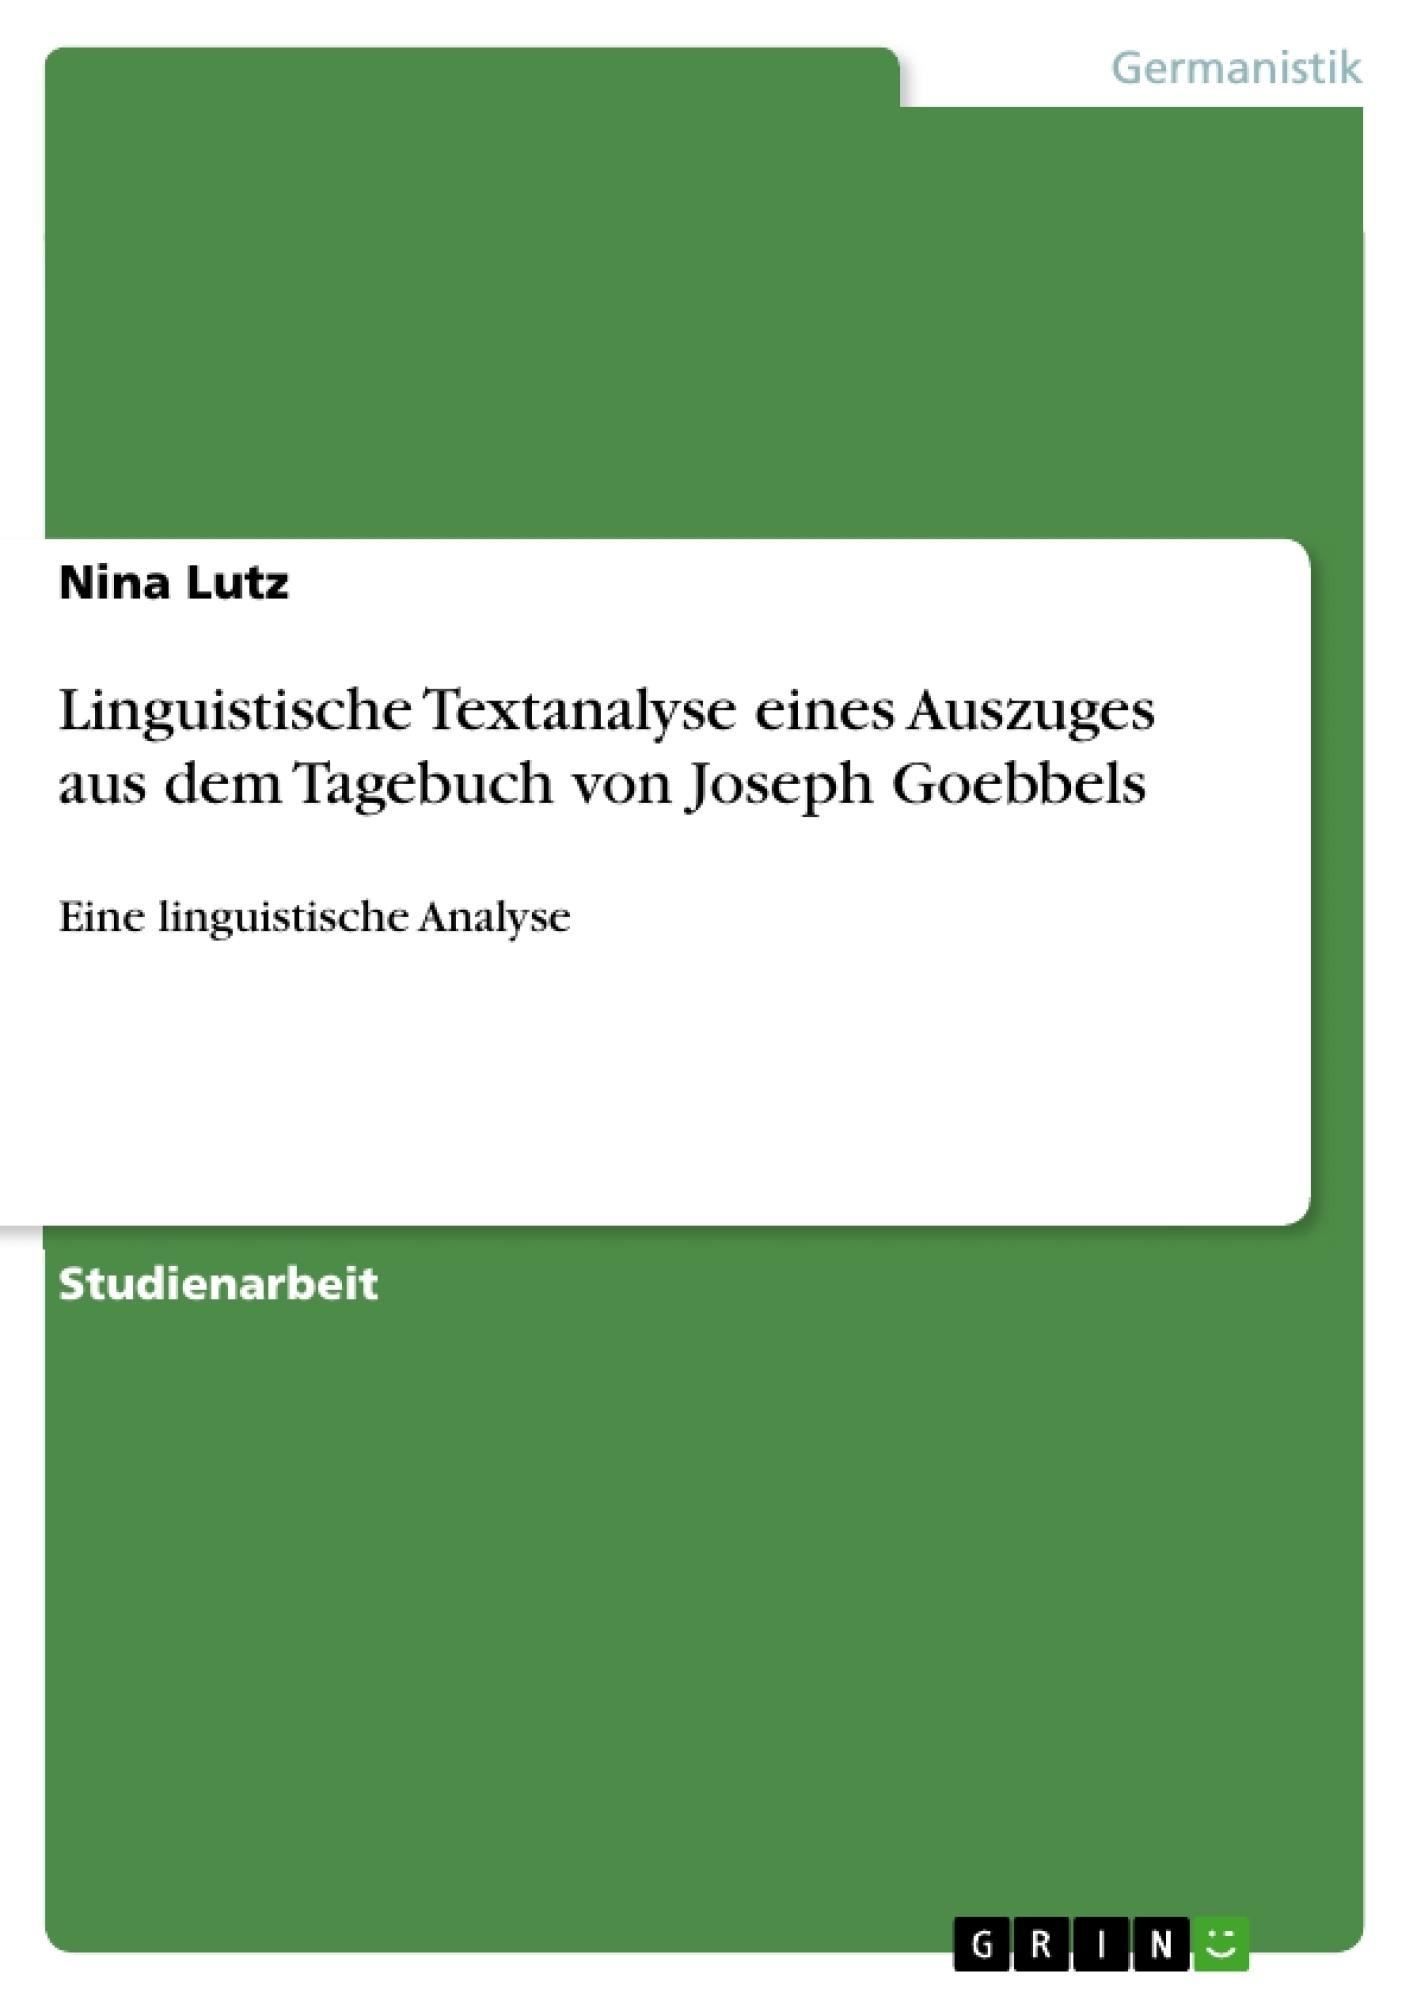 Titel: Linguistische Textanalyse eines Auszuges aus dem Tagebuch von Joseph Goebbels